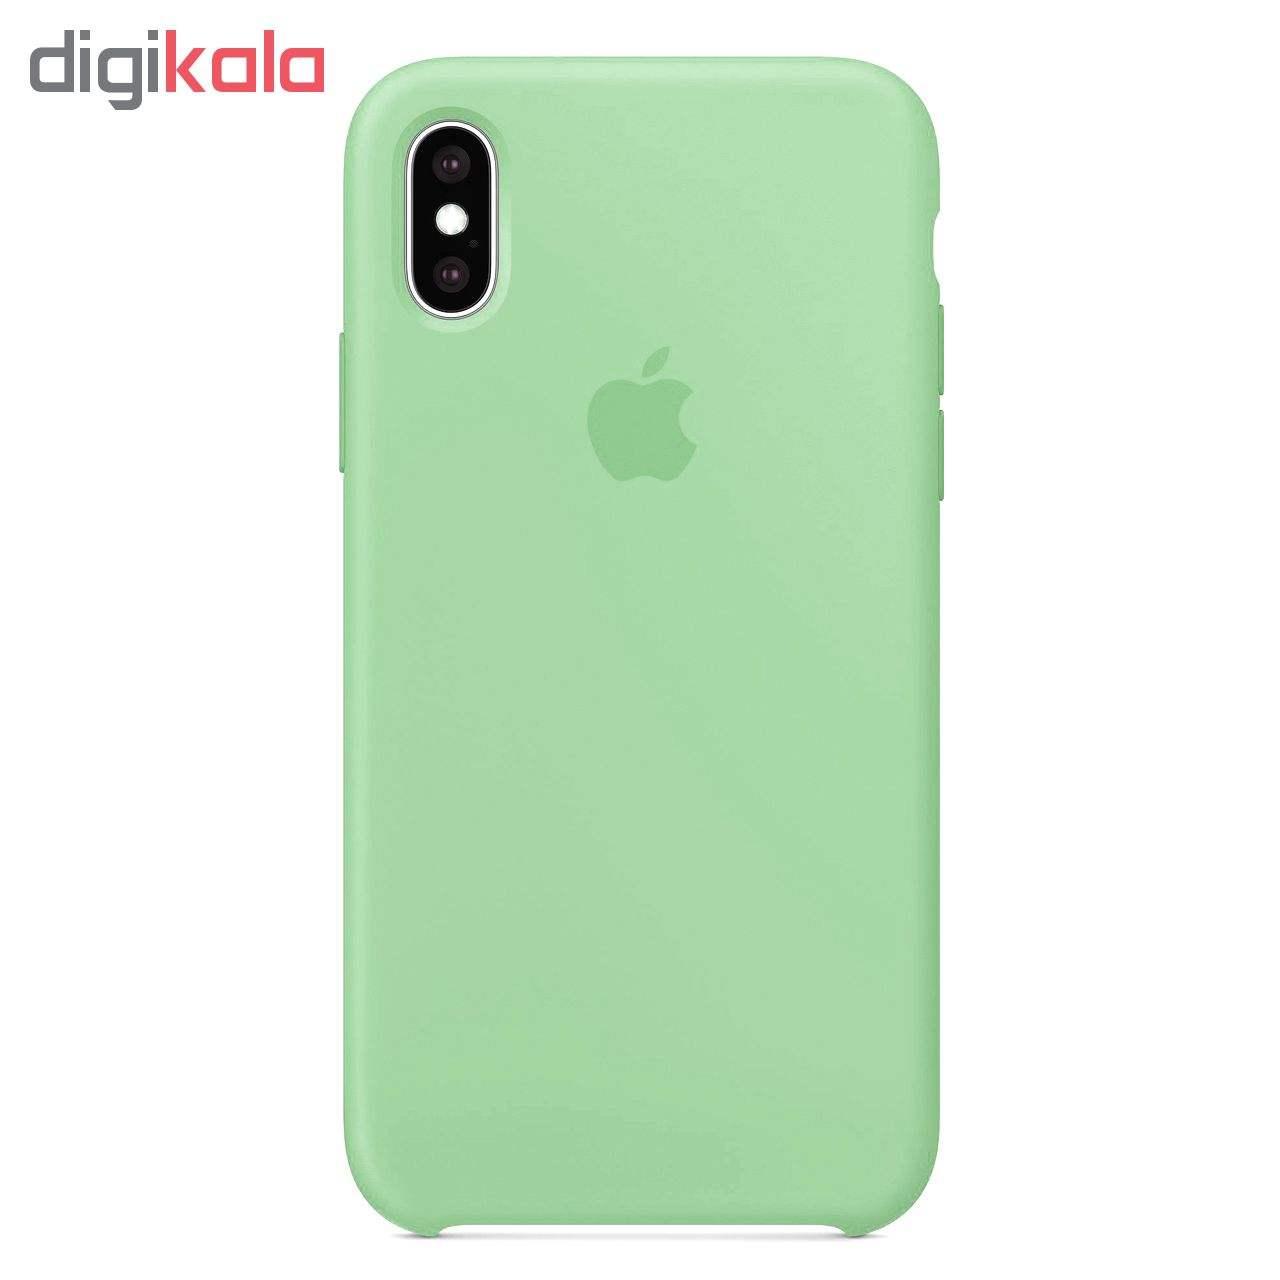 کاور مدل sili004 مناسب برای گوشی موبایل اپل Iphone XS Max main 1 9